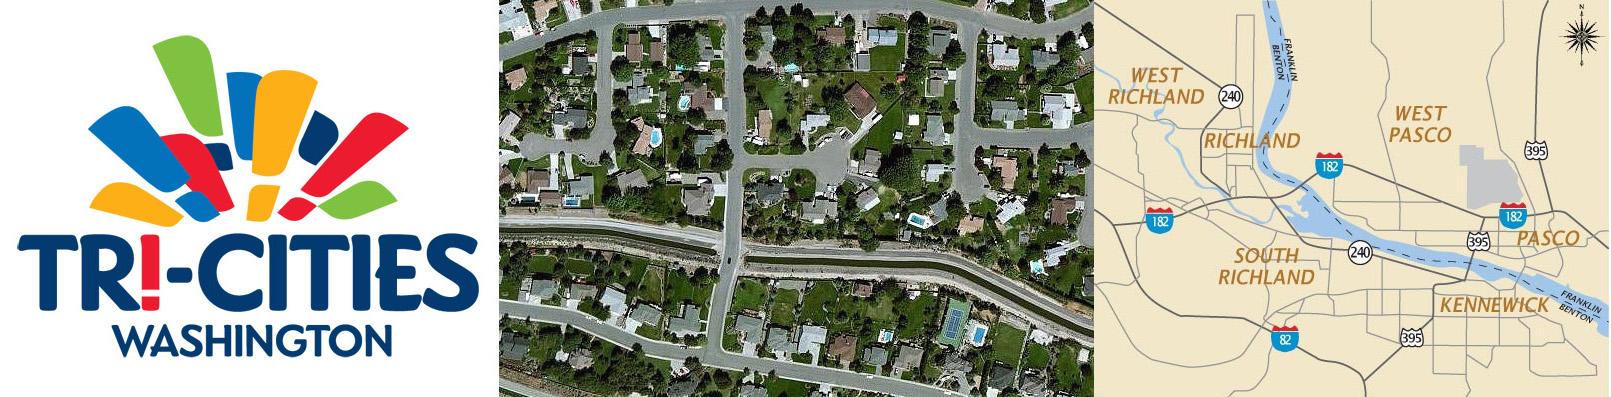 tri-cities-washington-logo-map-homes